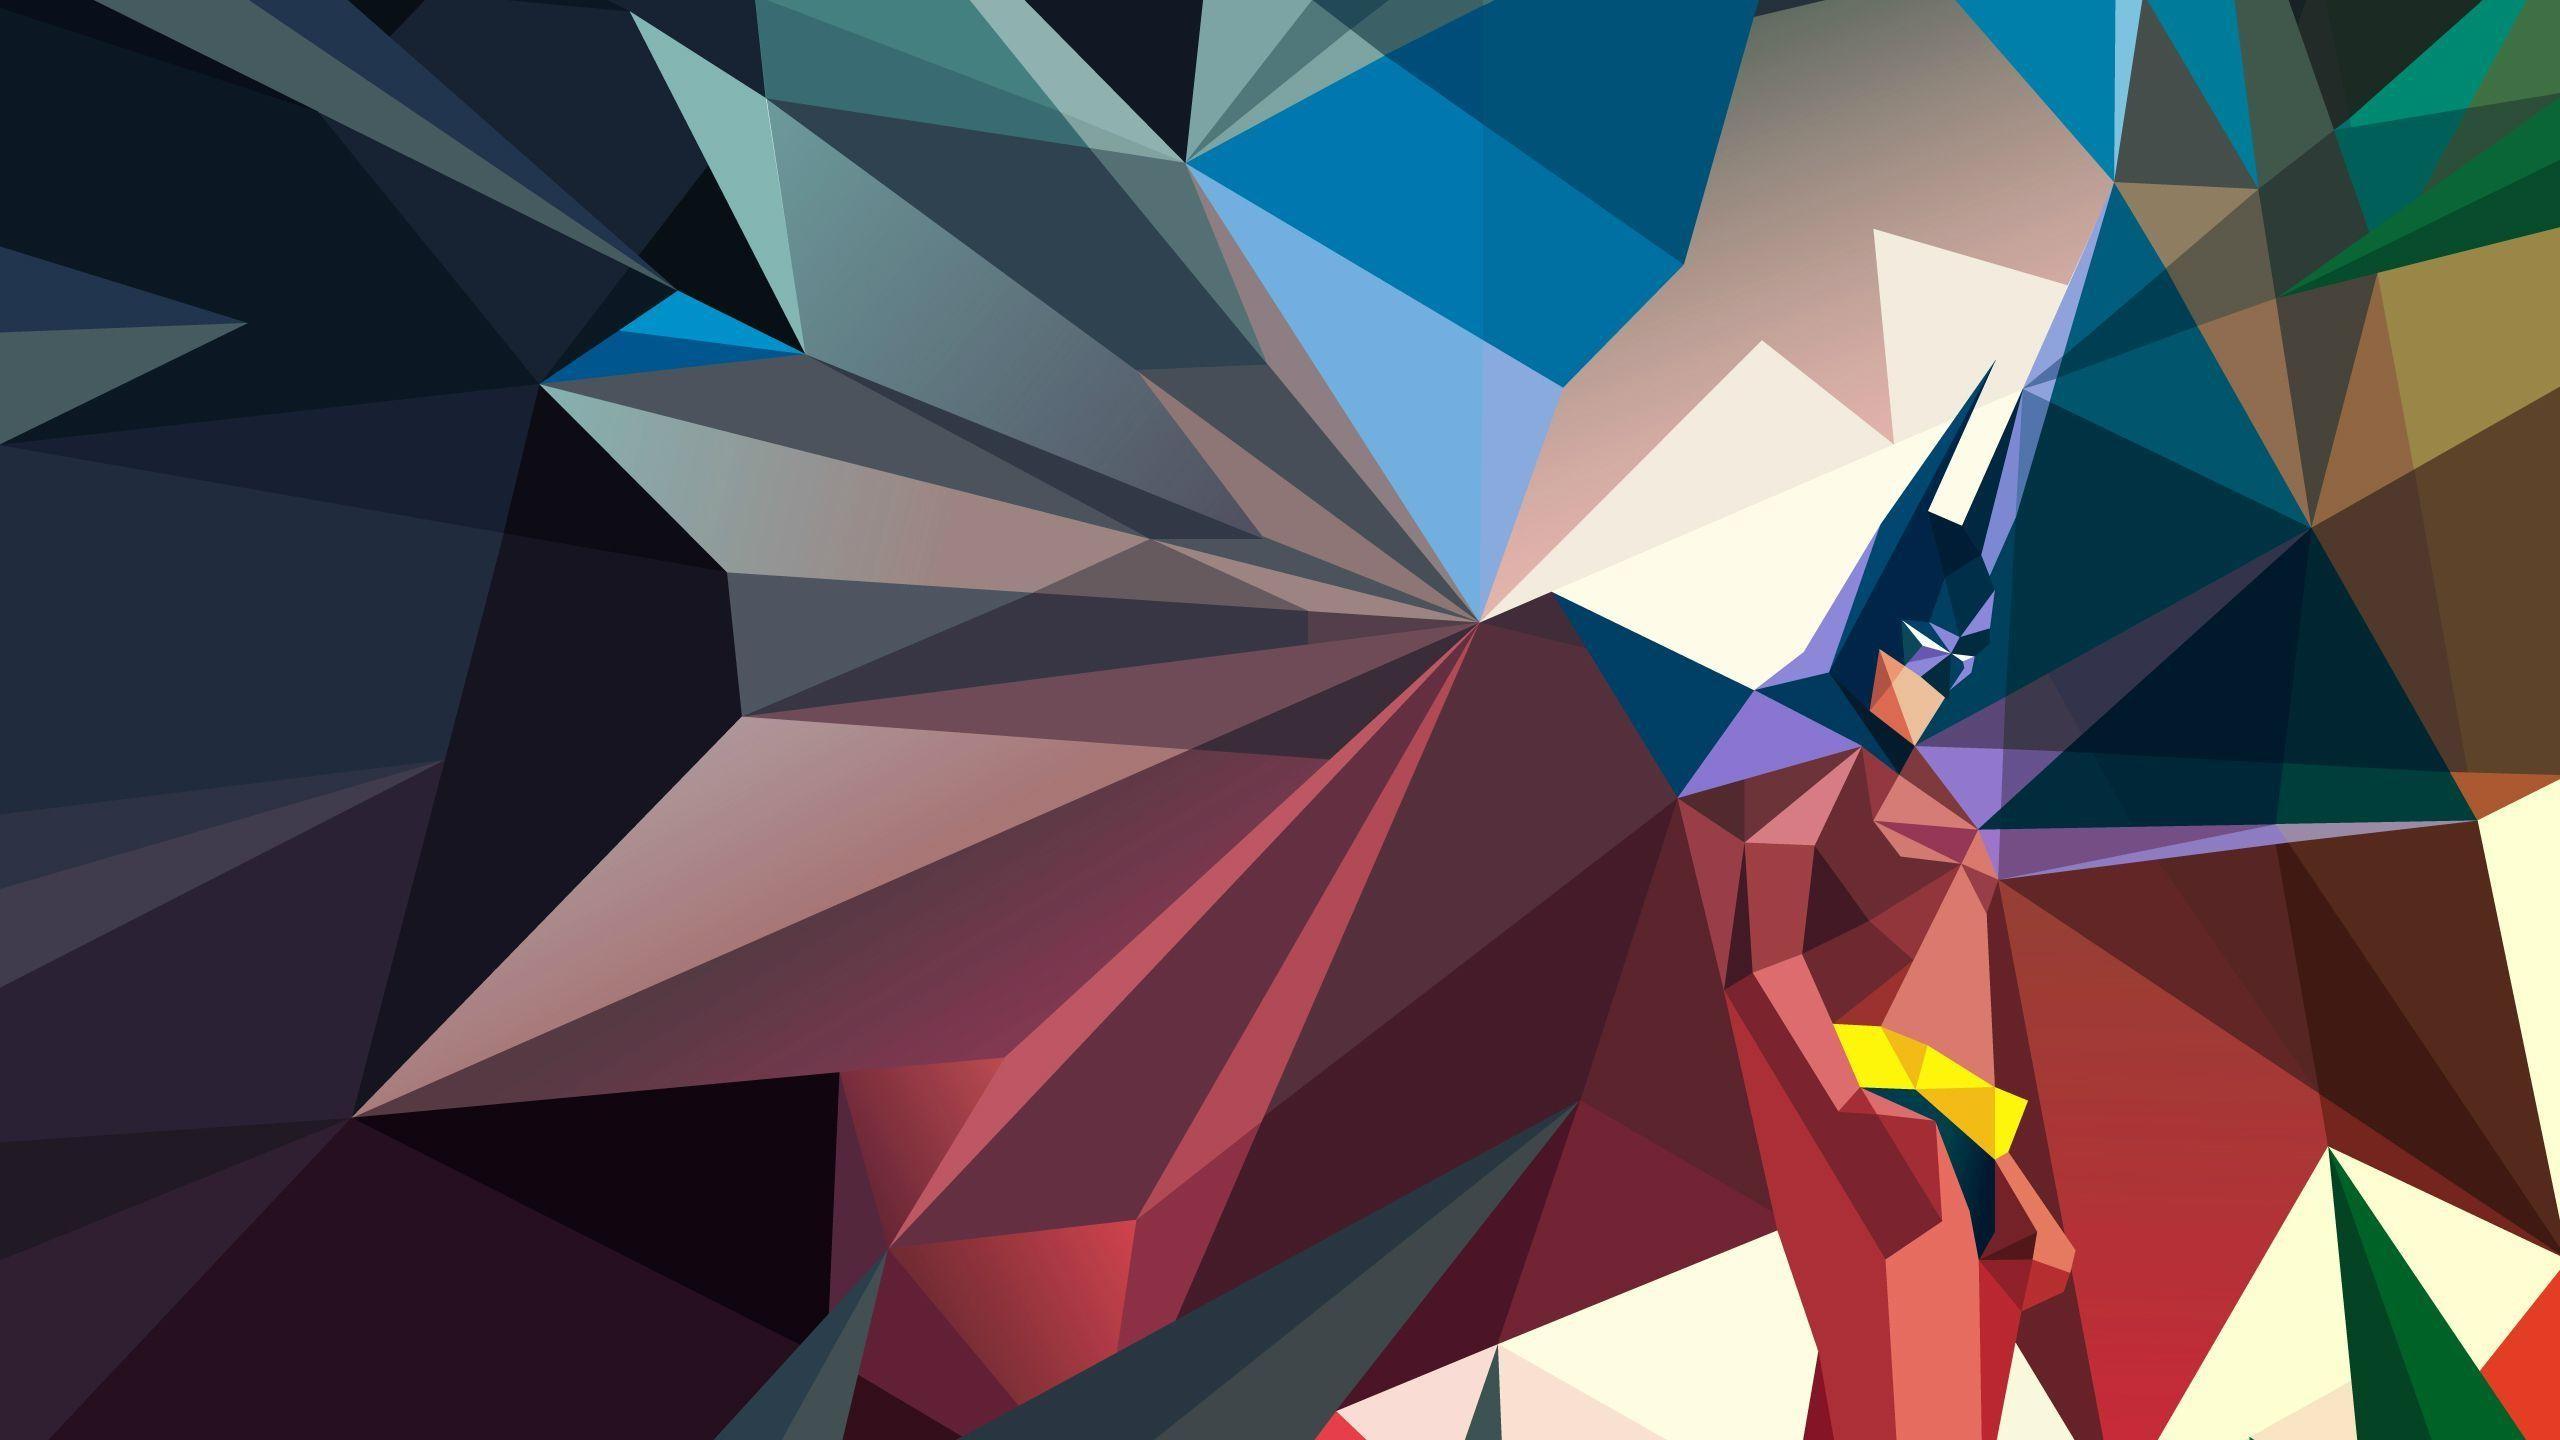 2560x1440 px Batman comics low poly